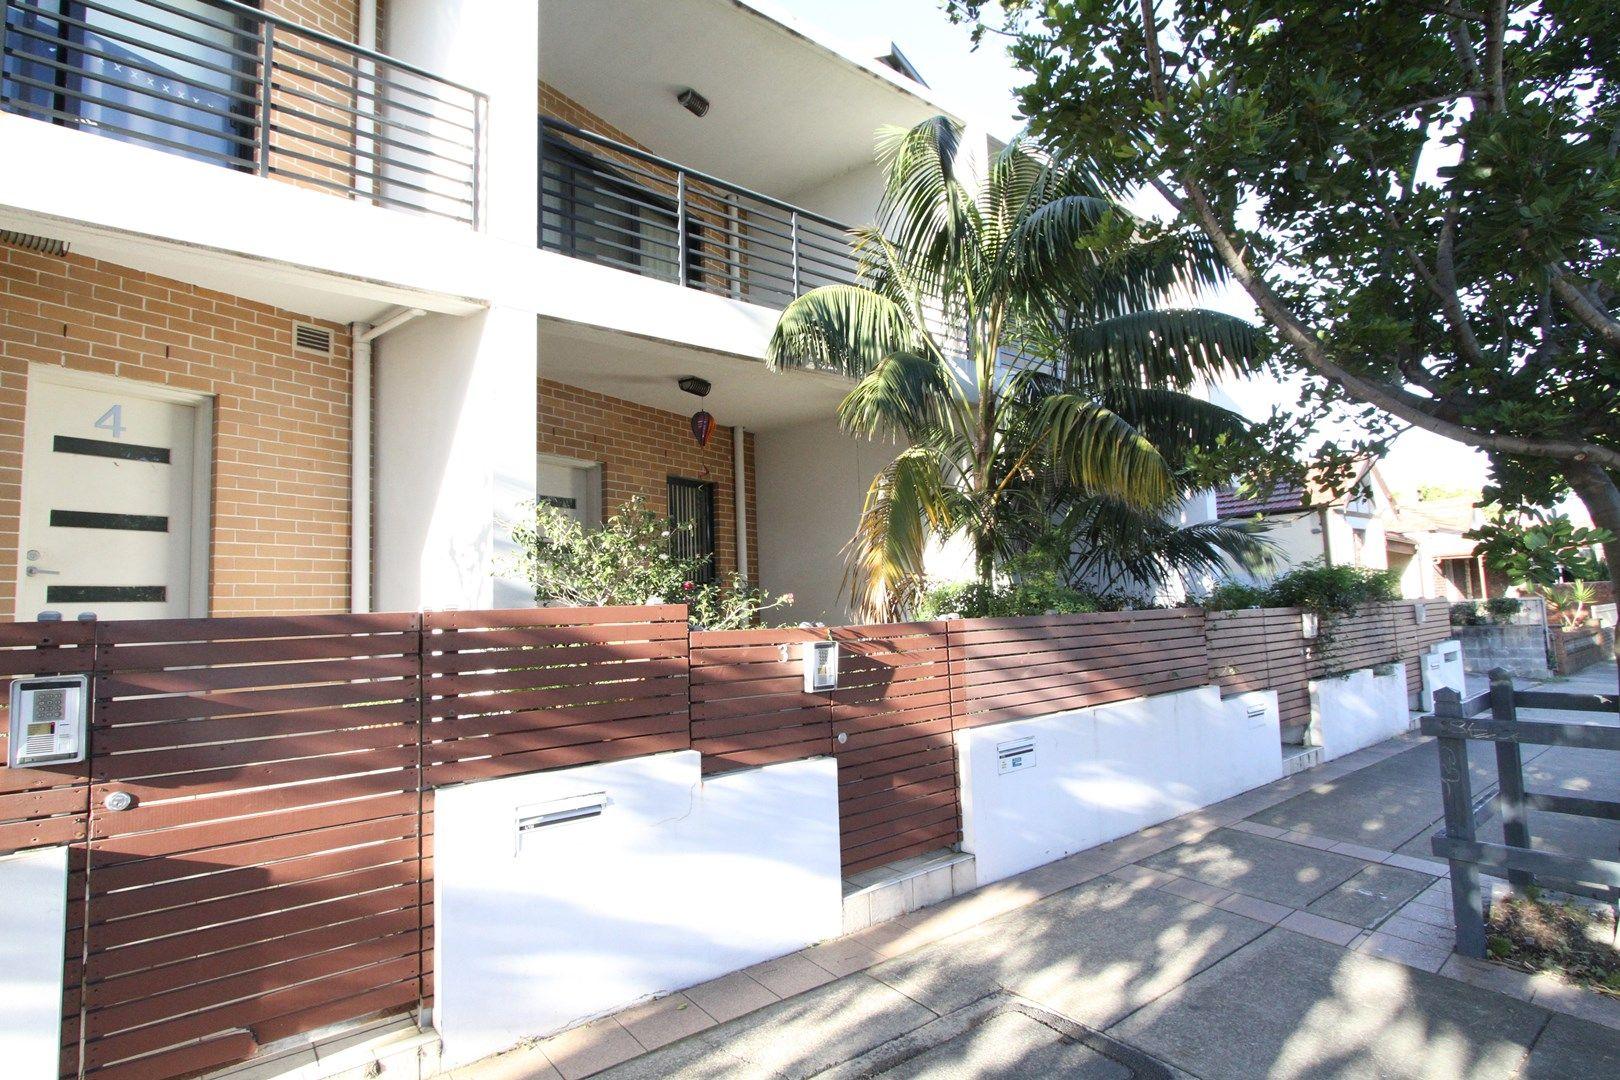 3/151 Illawarra Road, Marrickville NSW 2204, Image 0